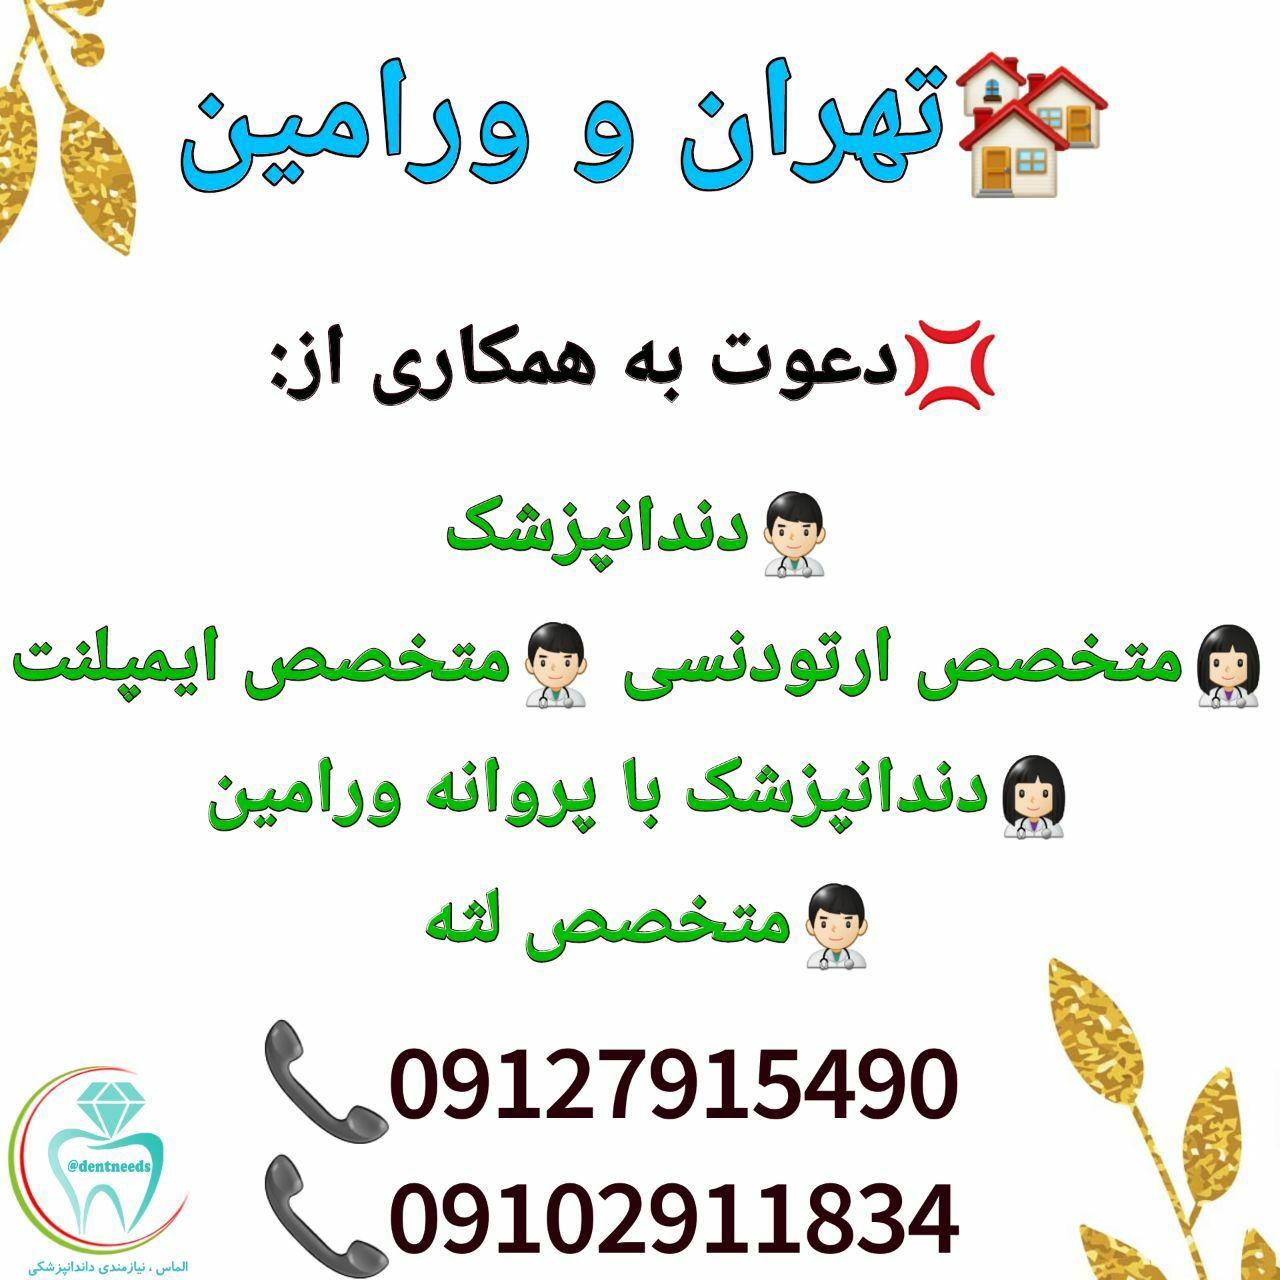 تهران و ورامین، نیاز به دندانپزشک، متخصص ارتودنسی، متخصص ایمپلنت، دندانپزشک با پروانه ورامین، و متخصص لثه